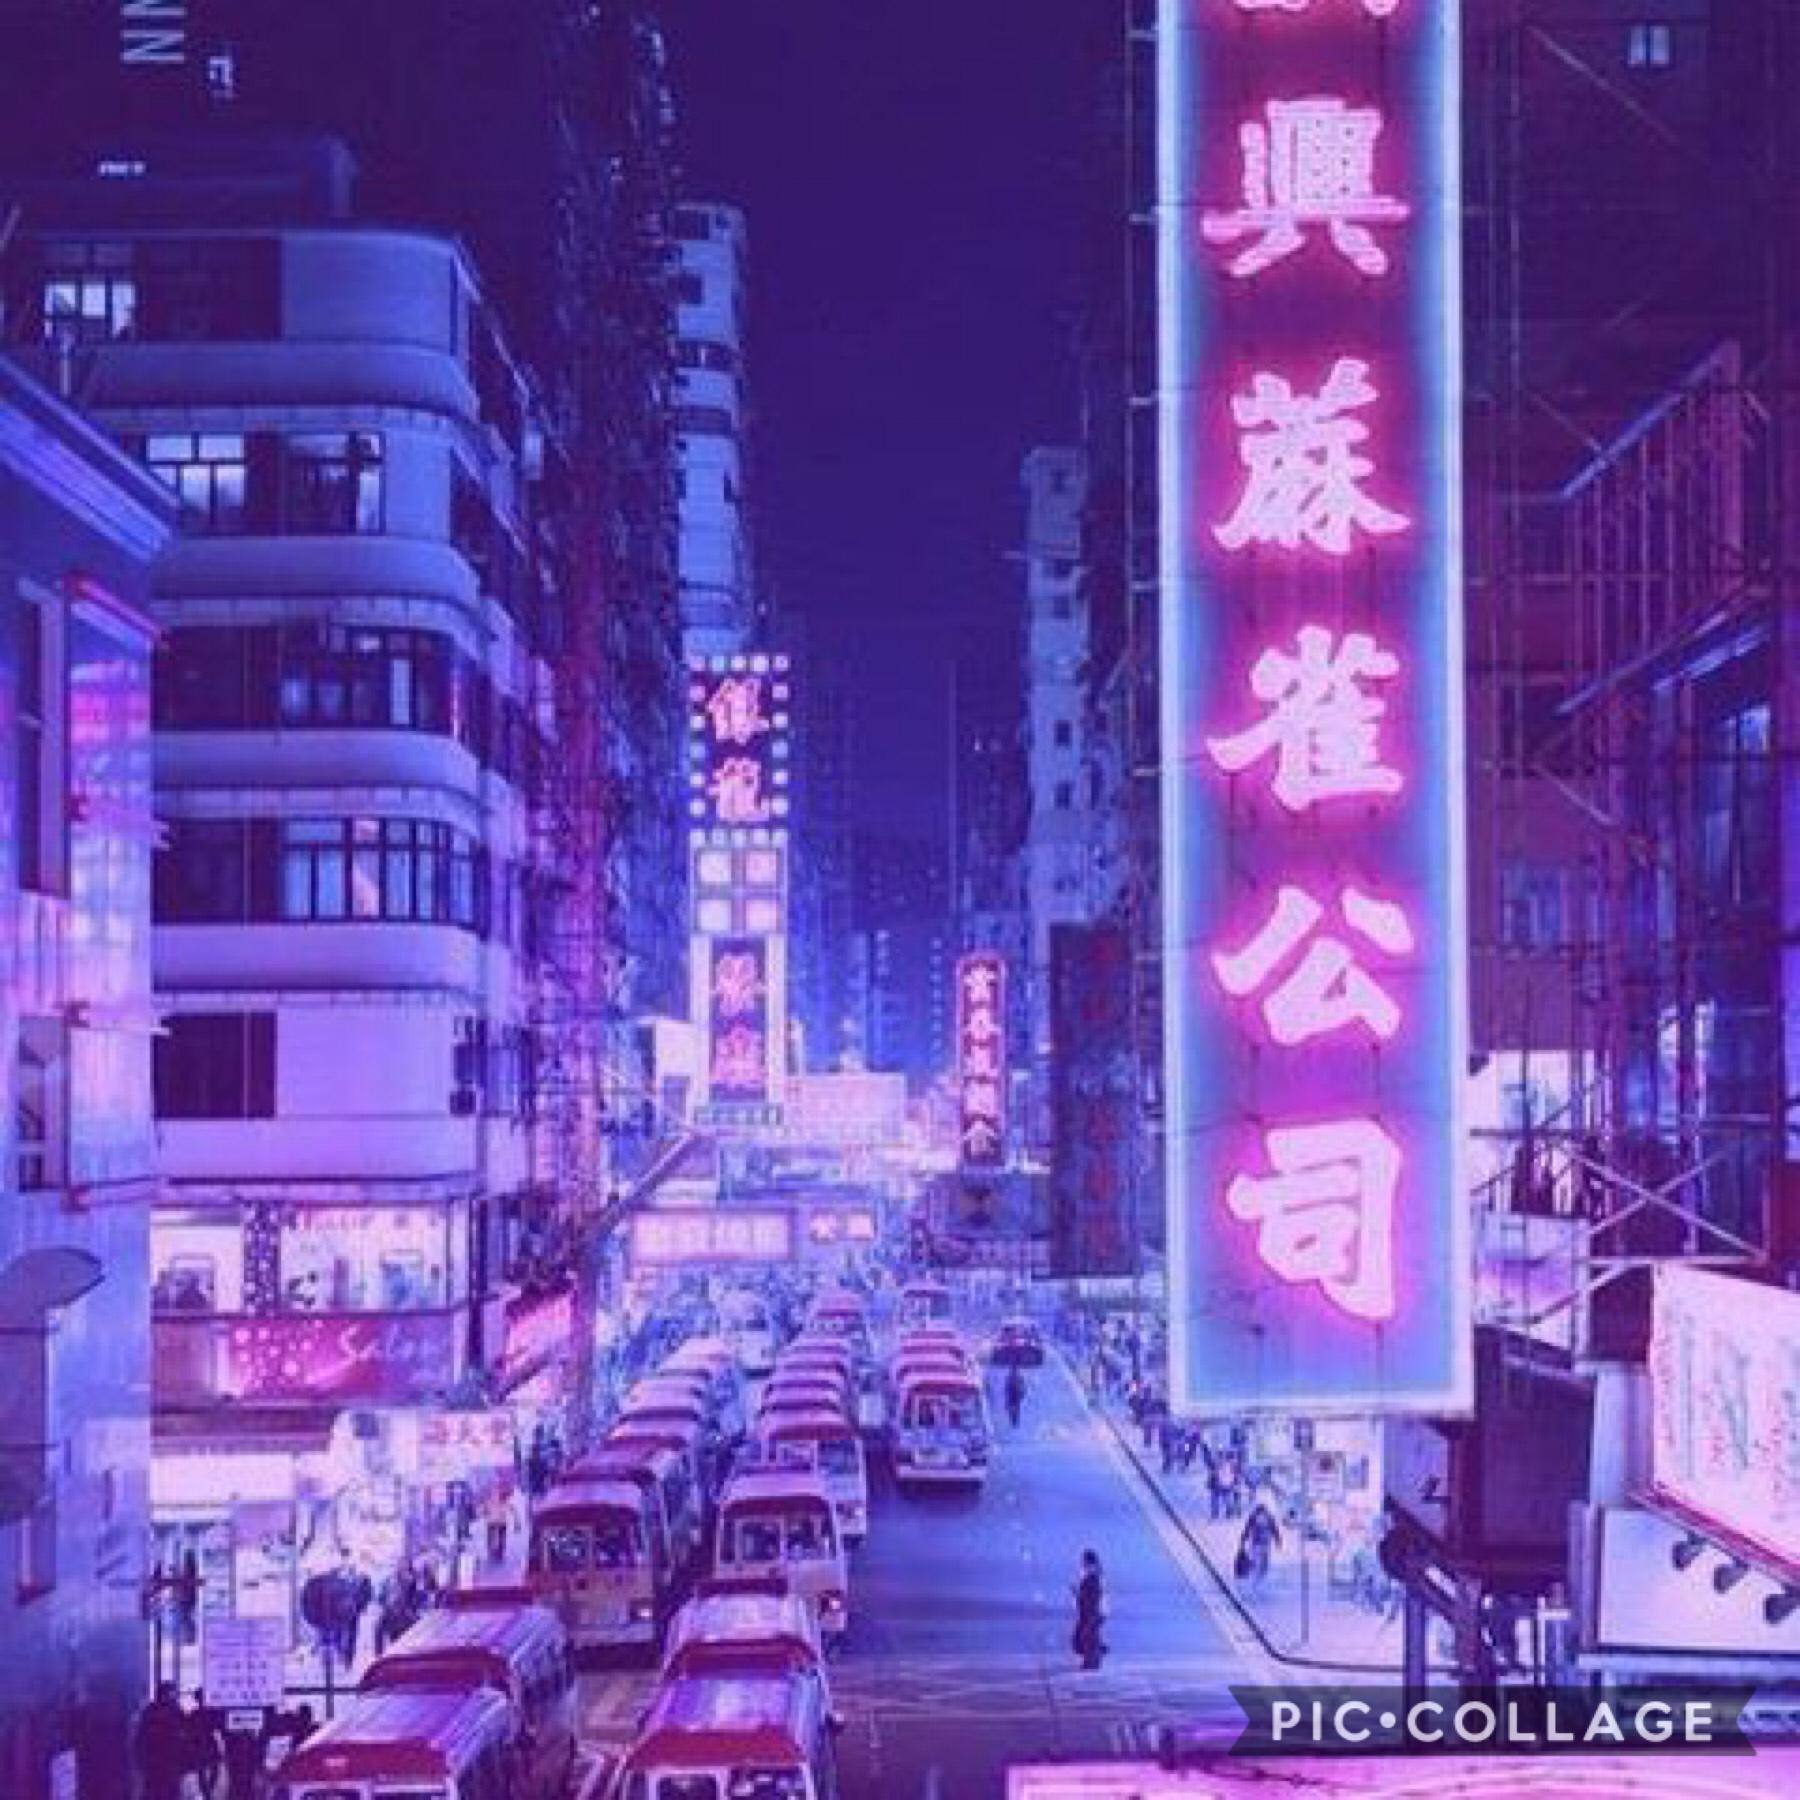 I wanna go to Japan so badly SFYSJVSUTSVUKSIYSFYJSG